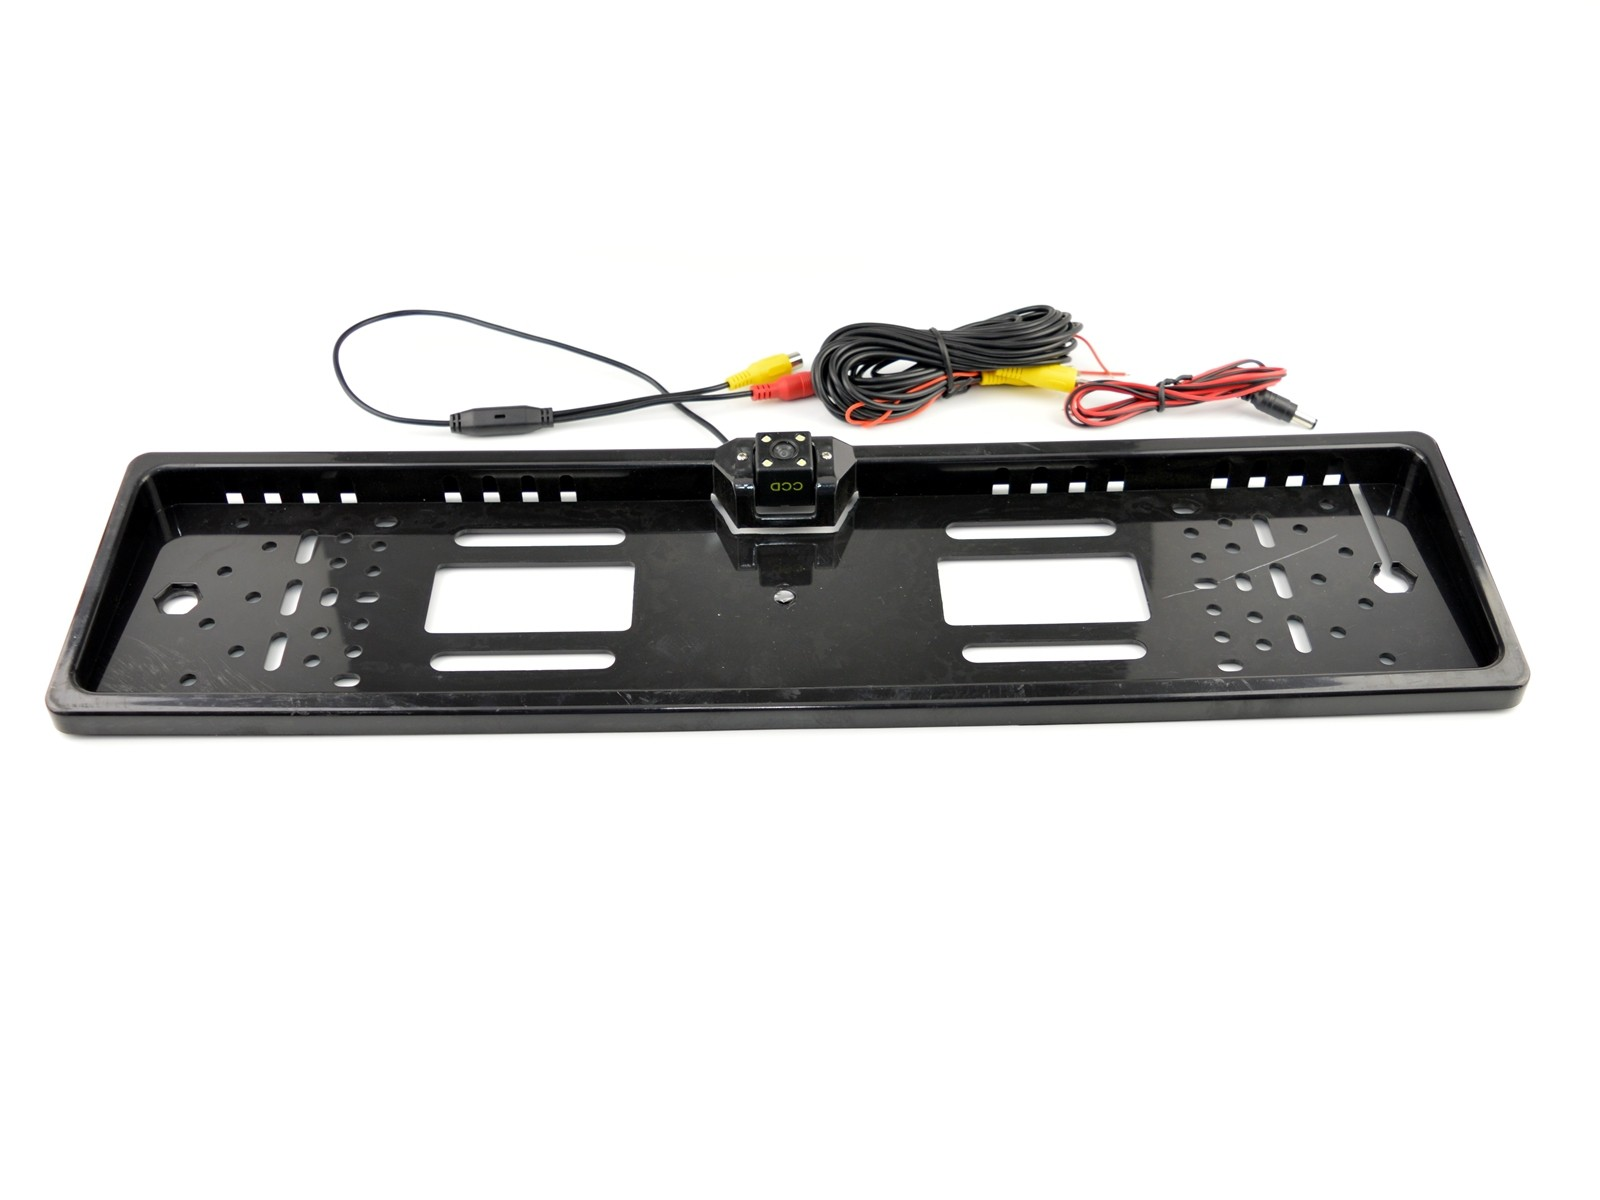 Couvací kamera v rámečku SPZ s přisvícením 4 LED